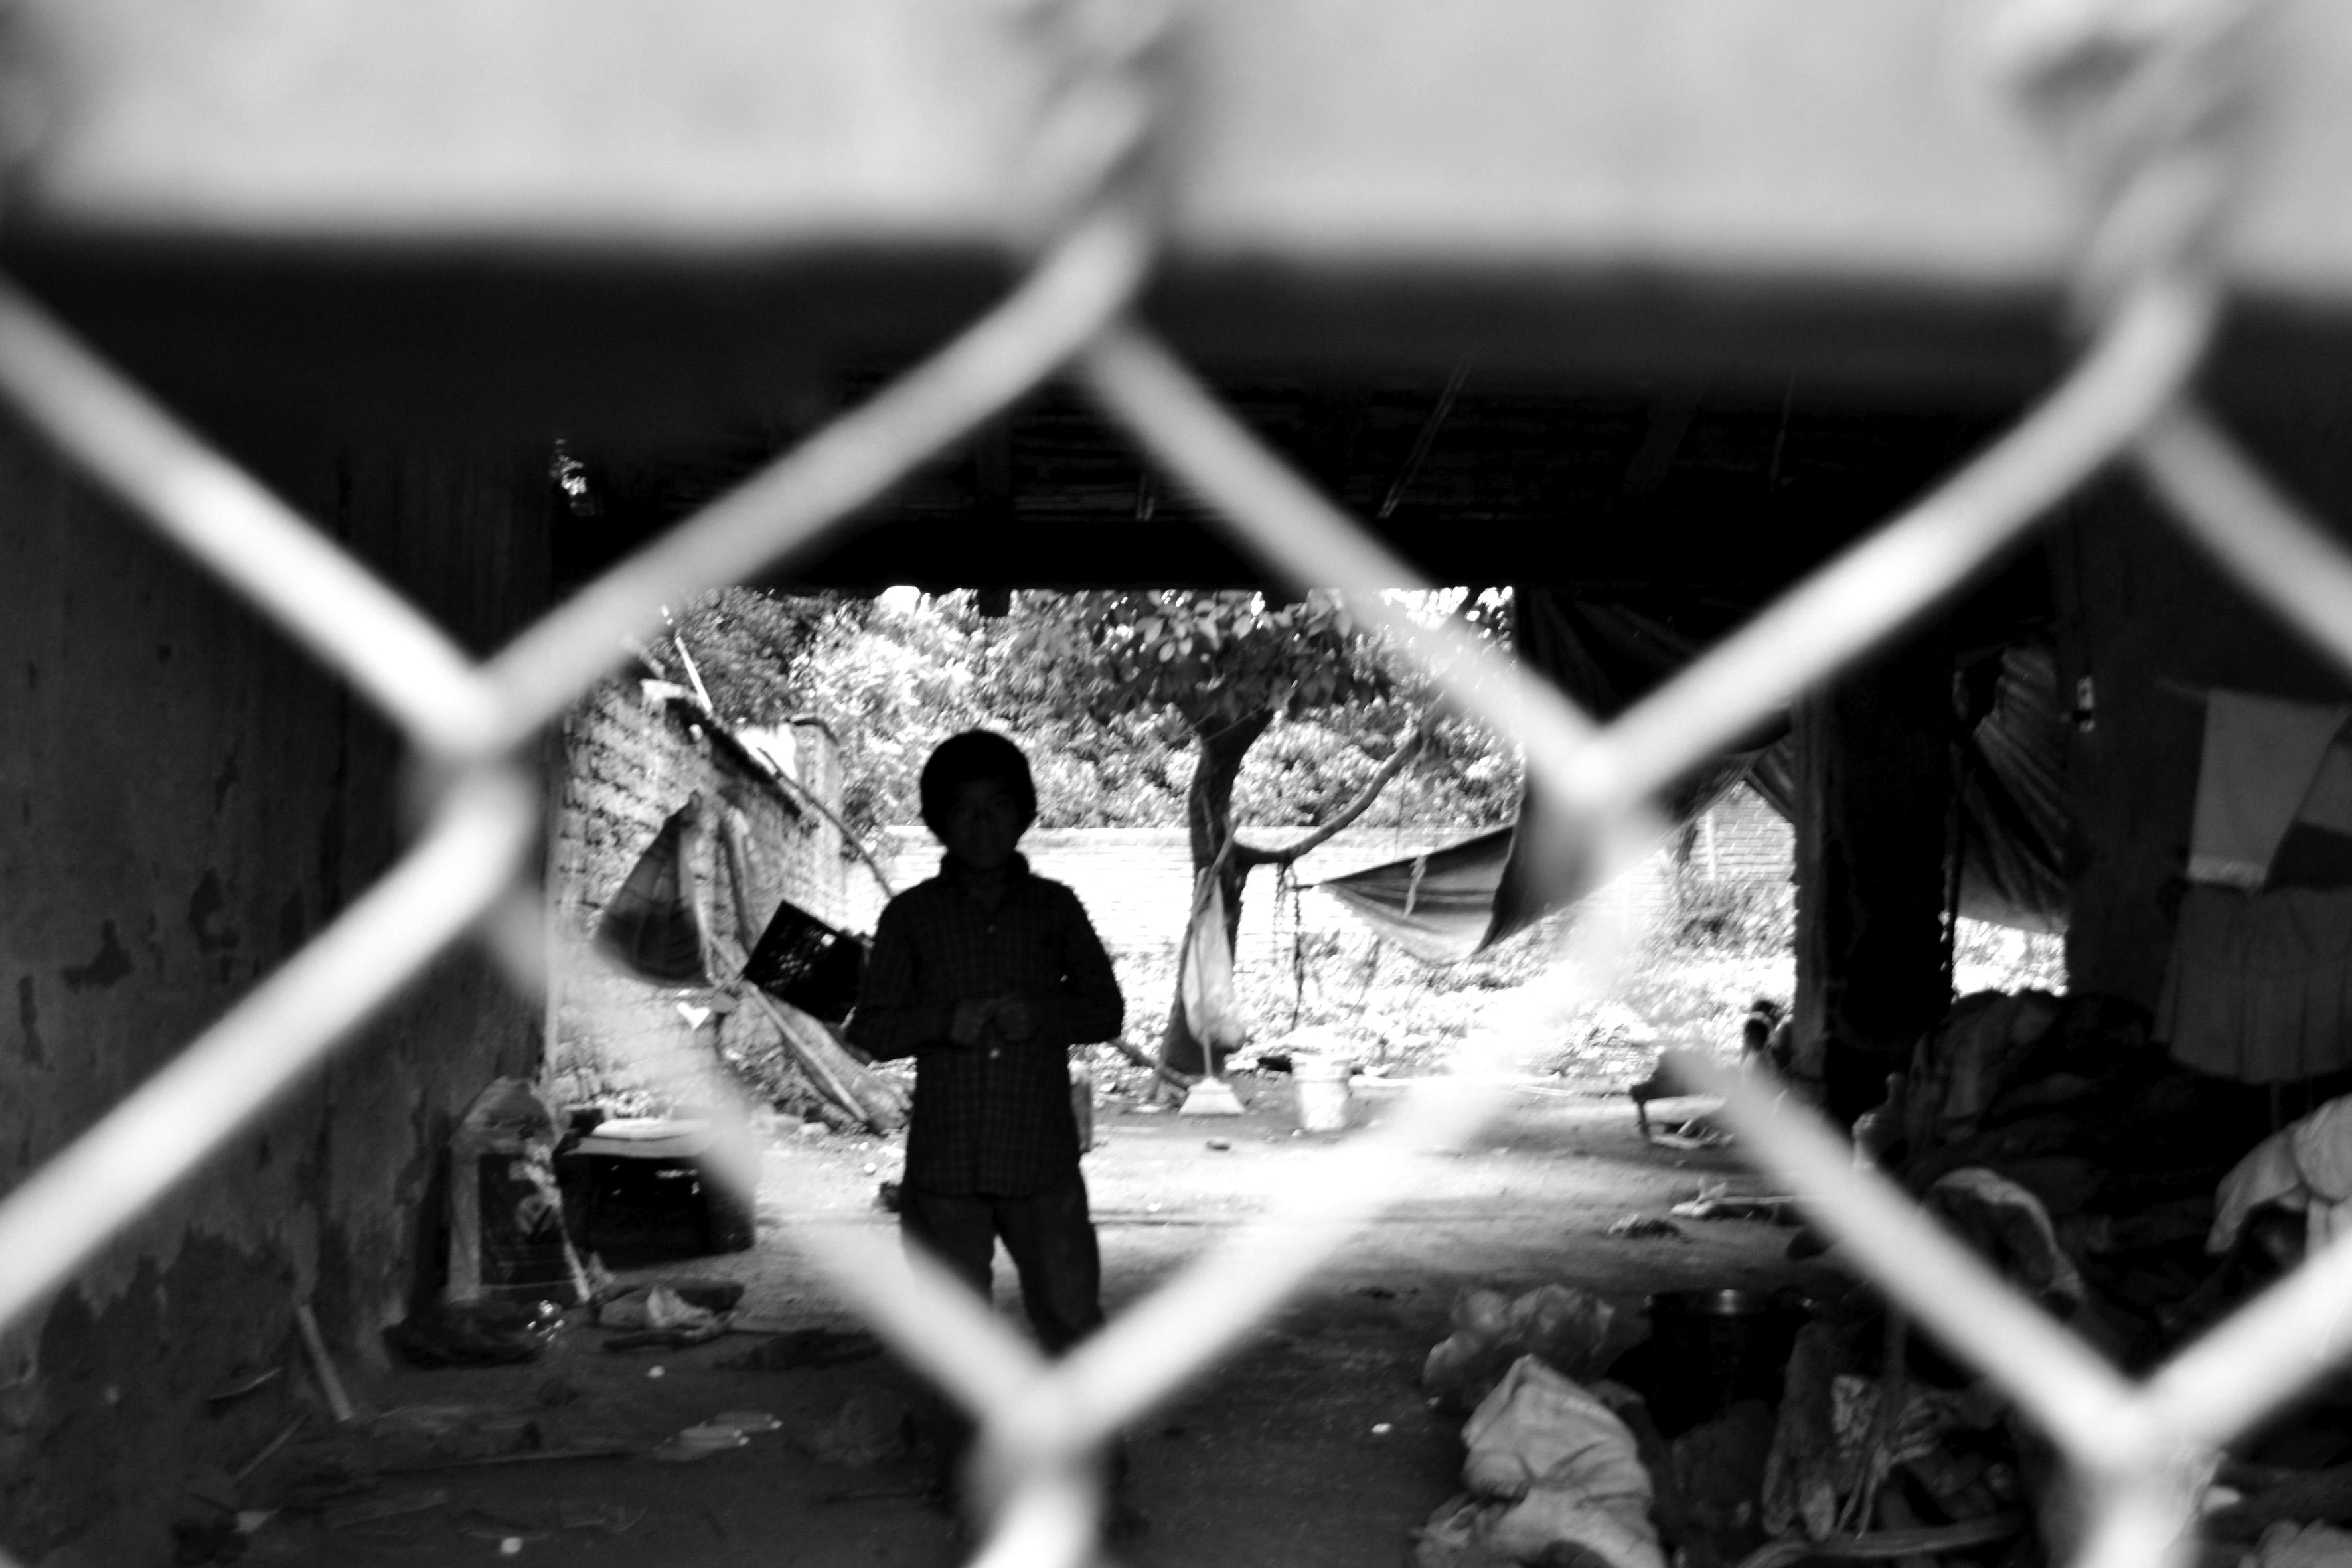 Silueta de un niño, detrás de una reja de alambre y en un ambiente desordenado.